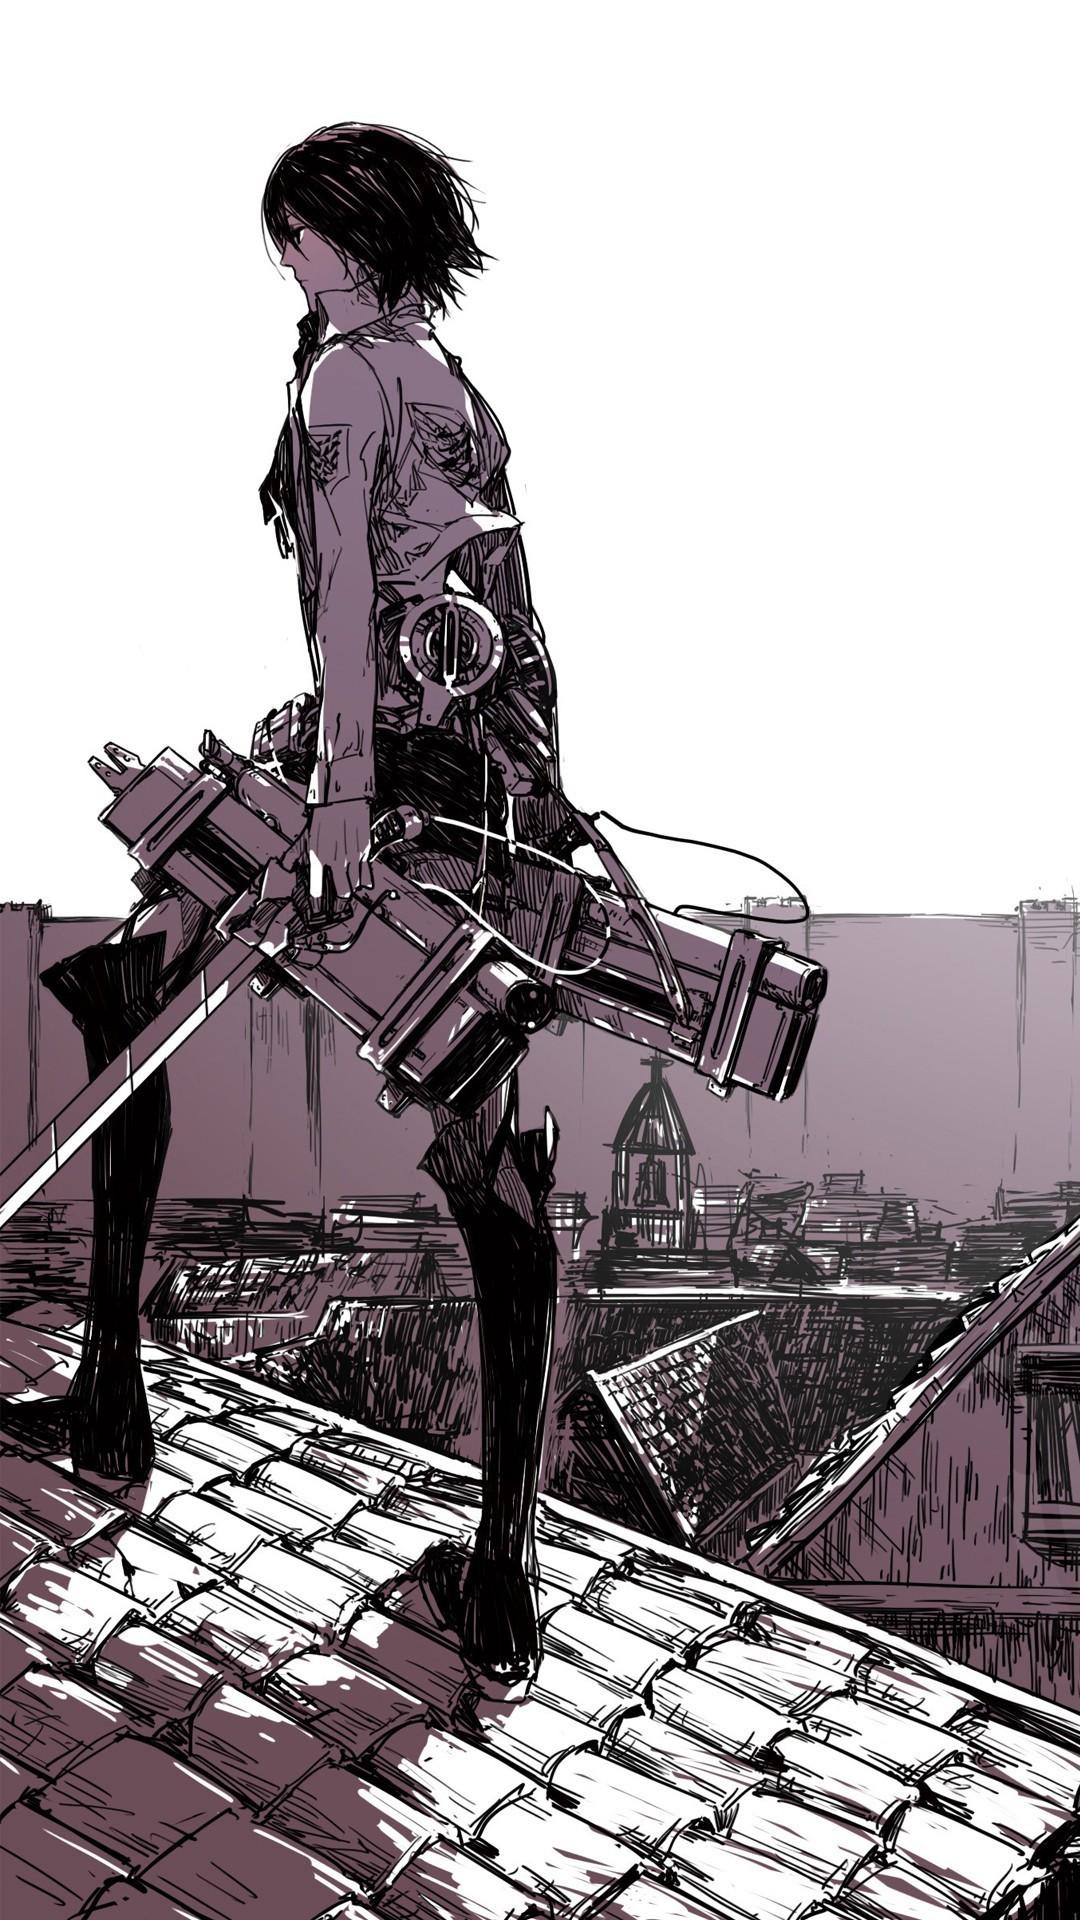 … Mikasa Ackerman – Attack on Titan Anime mobile wallpaper